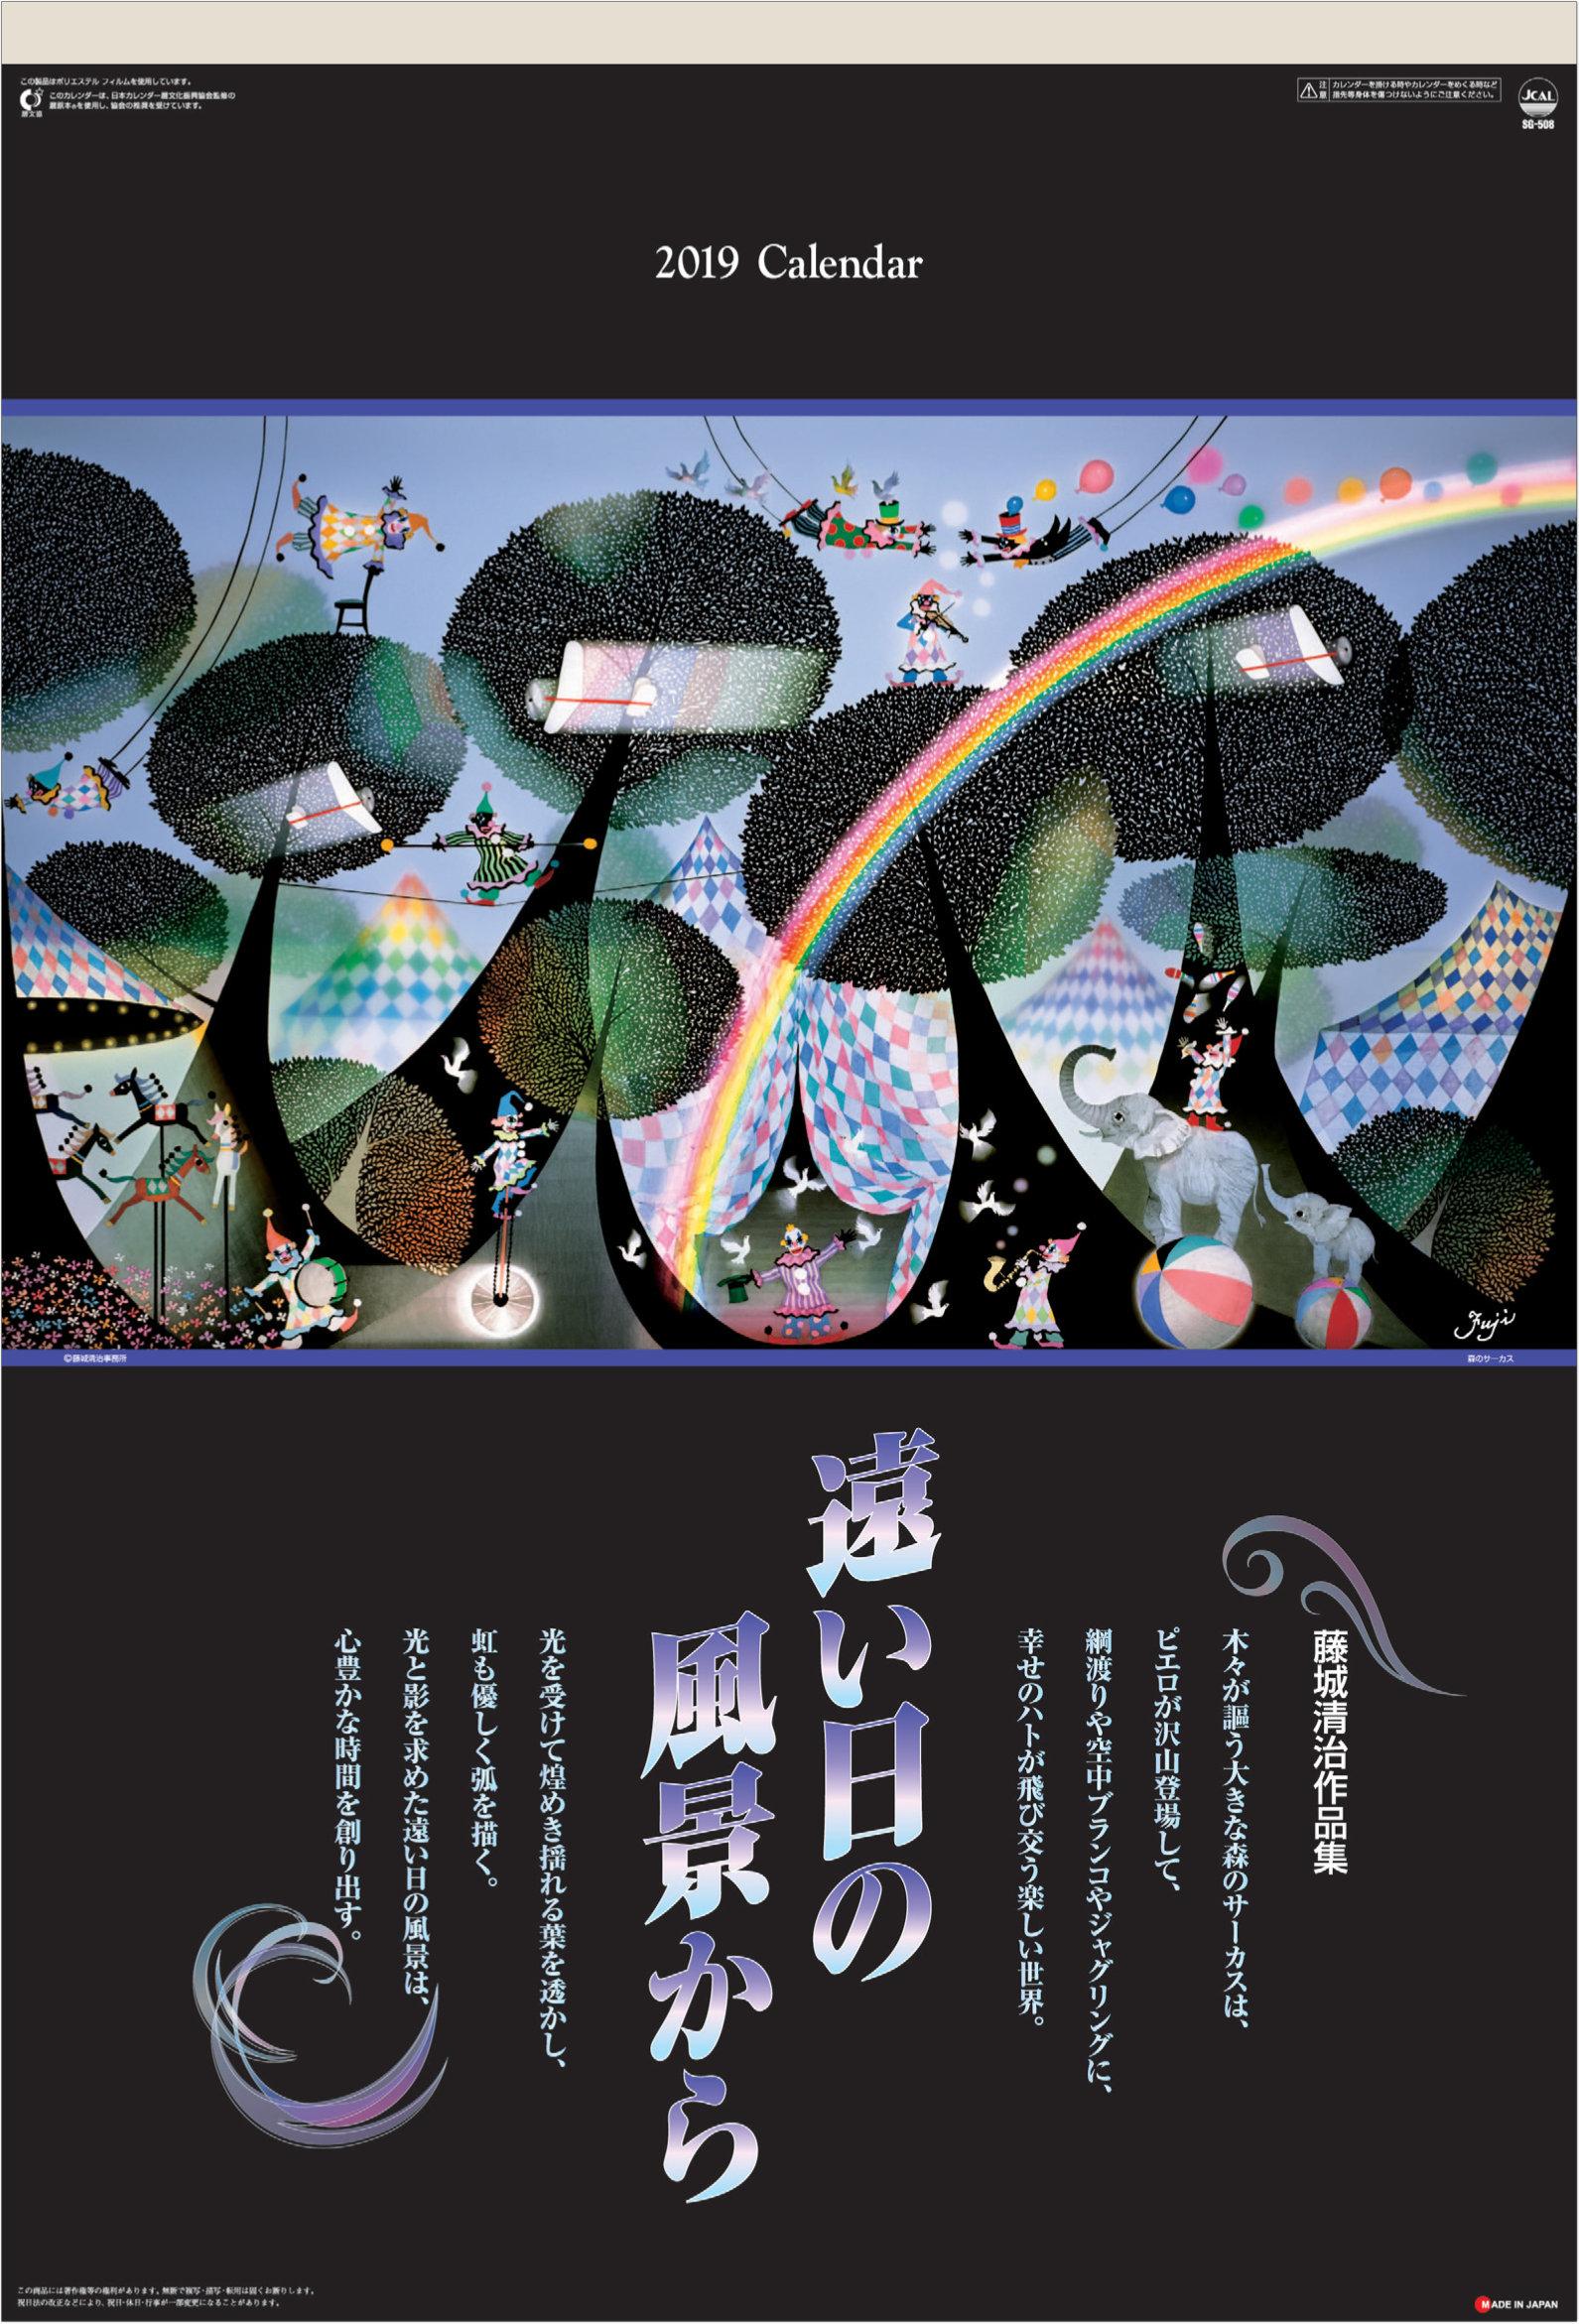 表紙 遠い日の風景から(影絵)  藤城清治 (フィルムカレンダー) 2019年カレンダーの画像